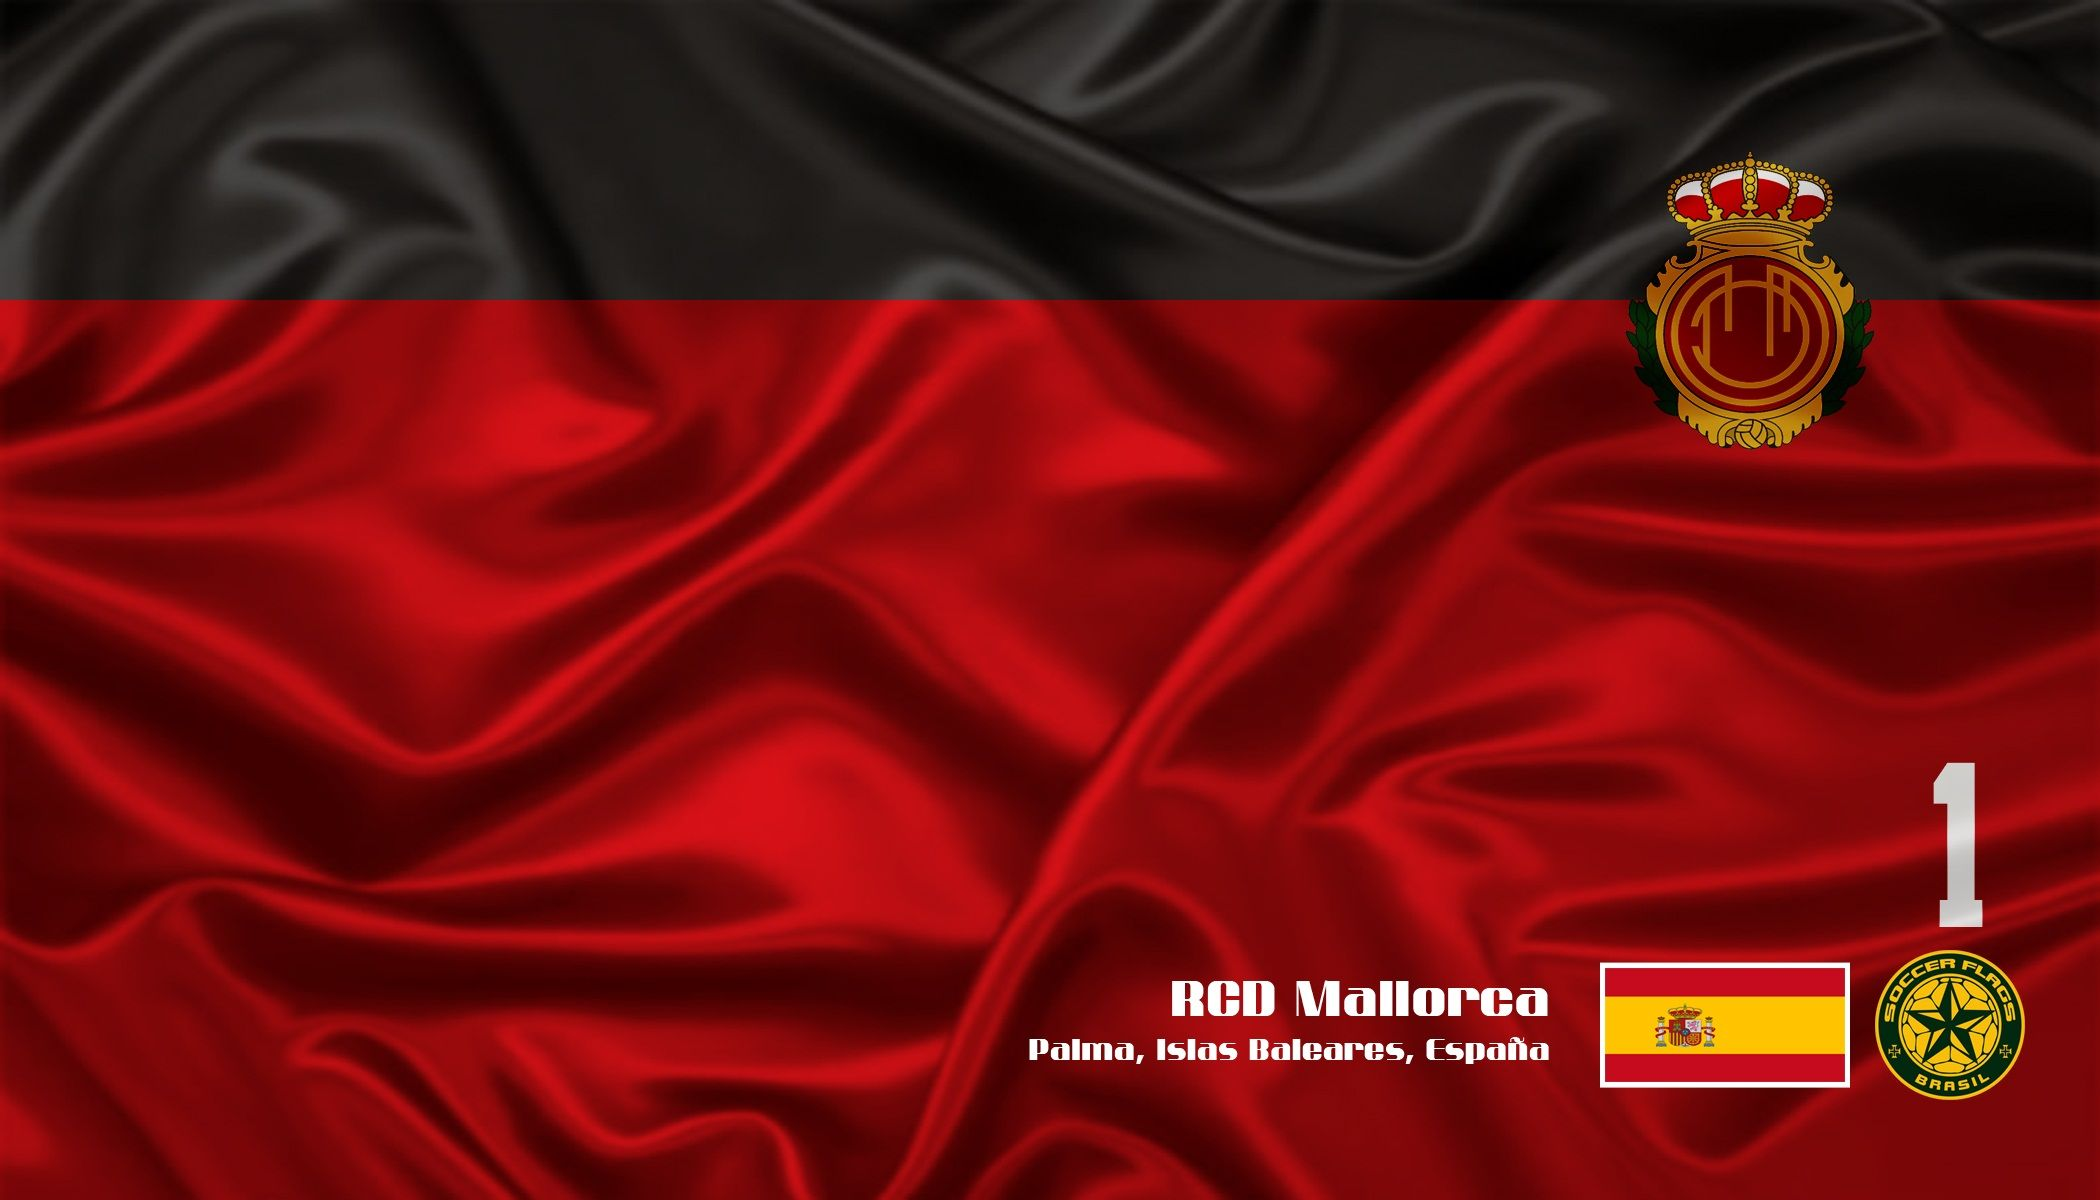 Real Mallorca - Veja mais Wallpapers e baixe de graça em nosso Blog. Visite ads.tt/78i3ug